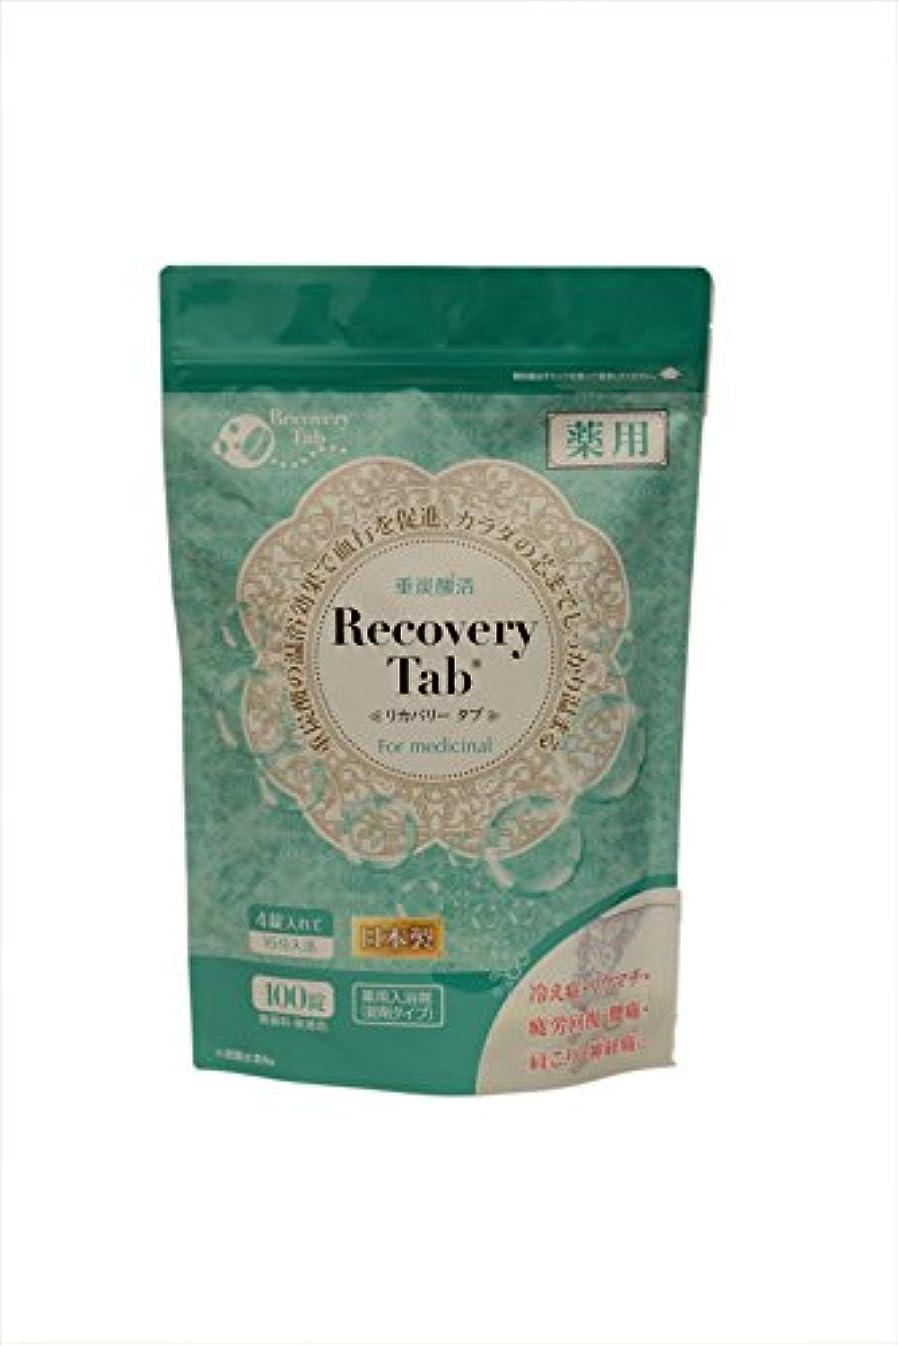 補助金悪化させる薬用 Recovery Tab リカバリータブ 100錠 リカバリーマインド 医薬部外品 正規販売店